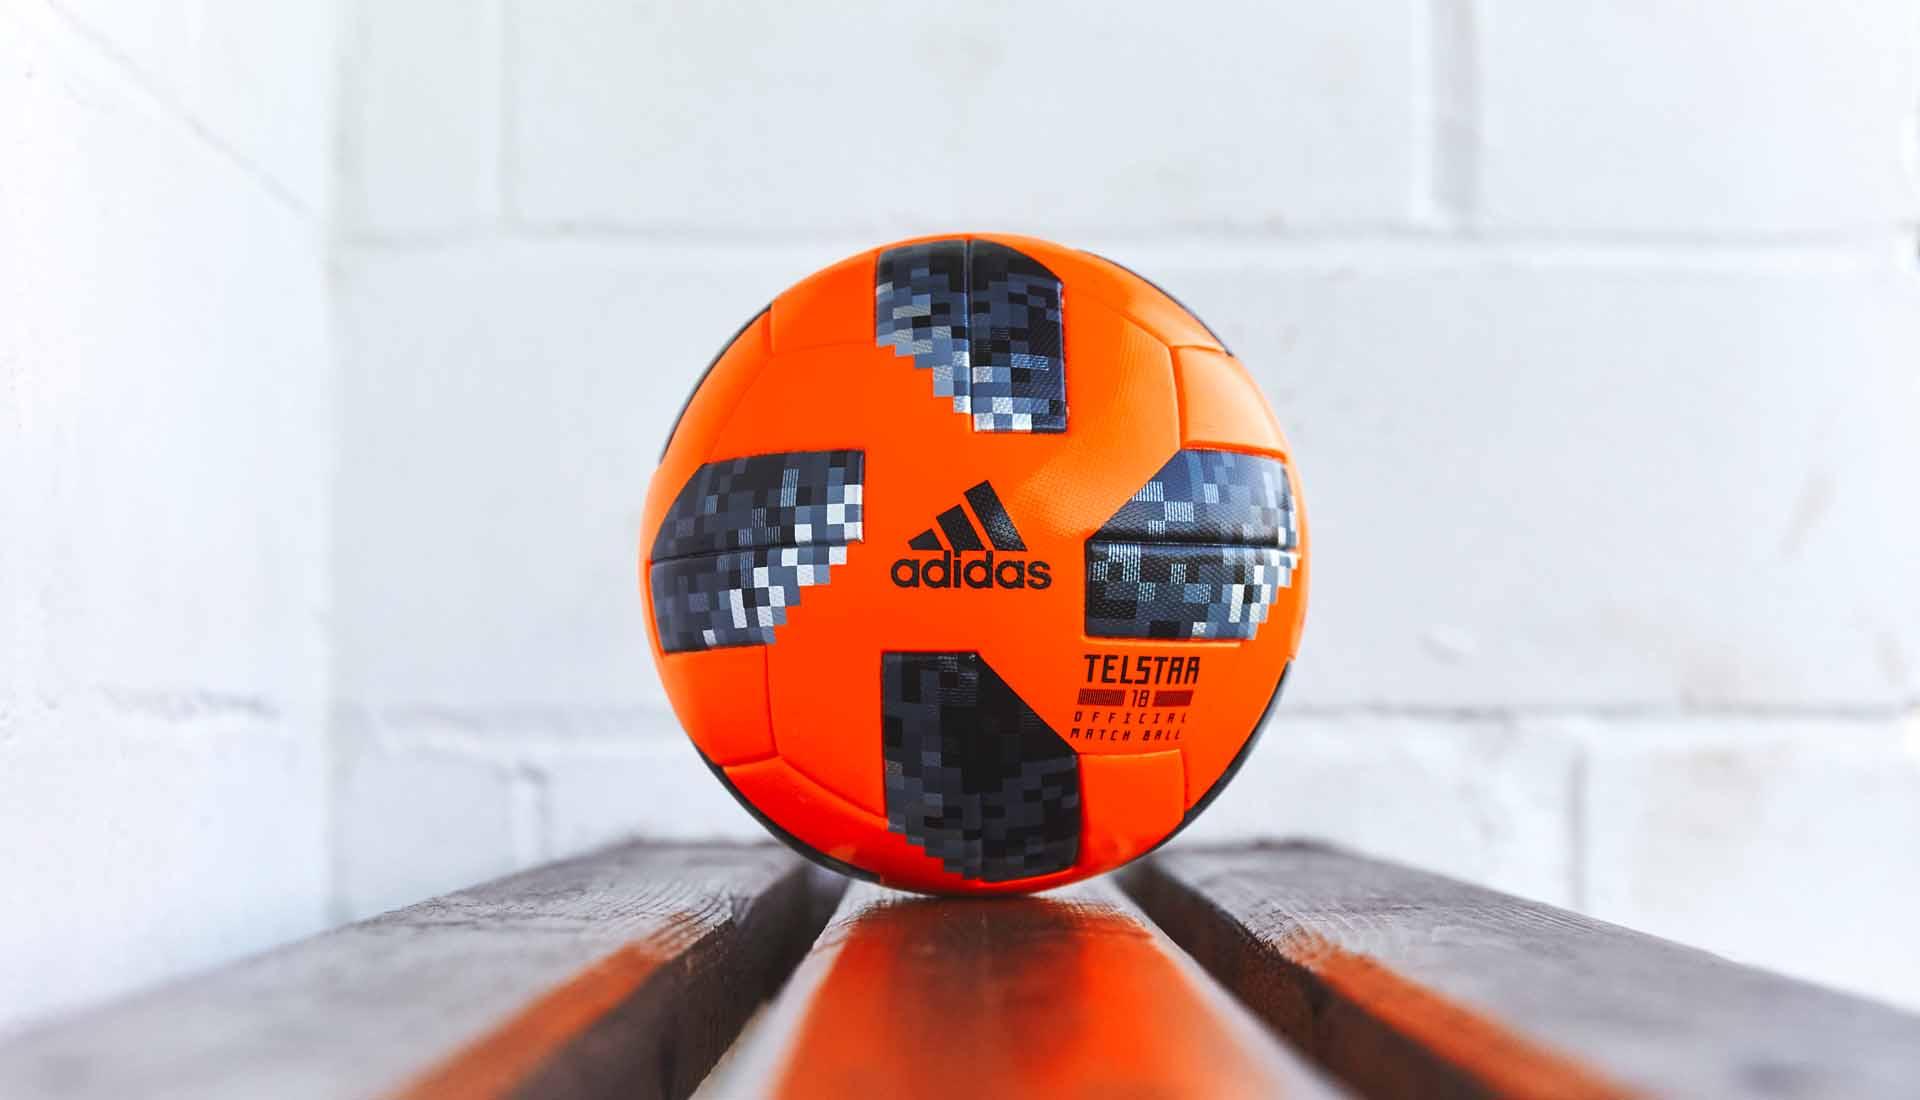 adidas Telstar 18 Winter Match Ball SoccerBible